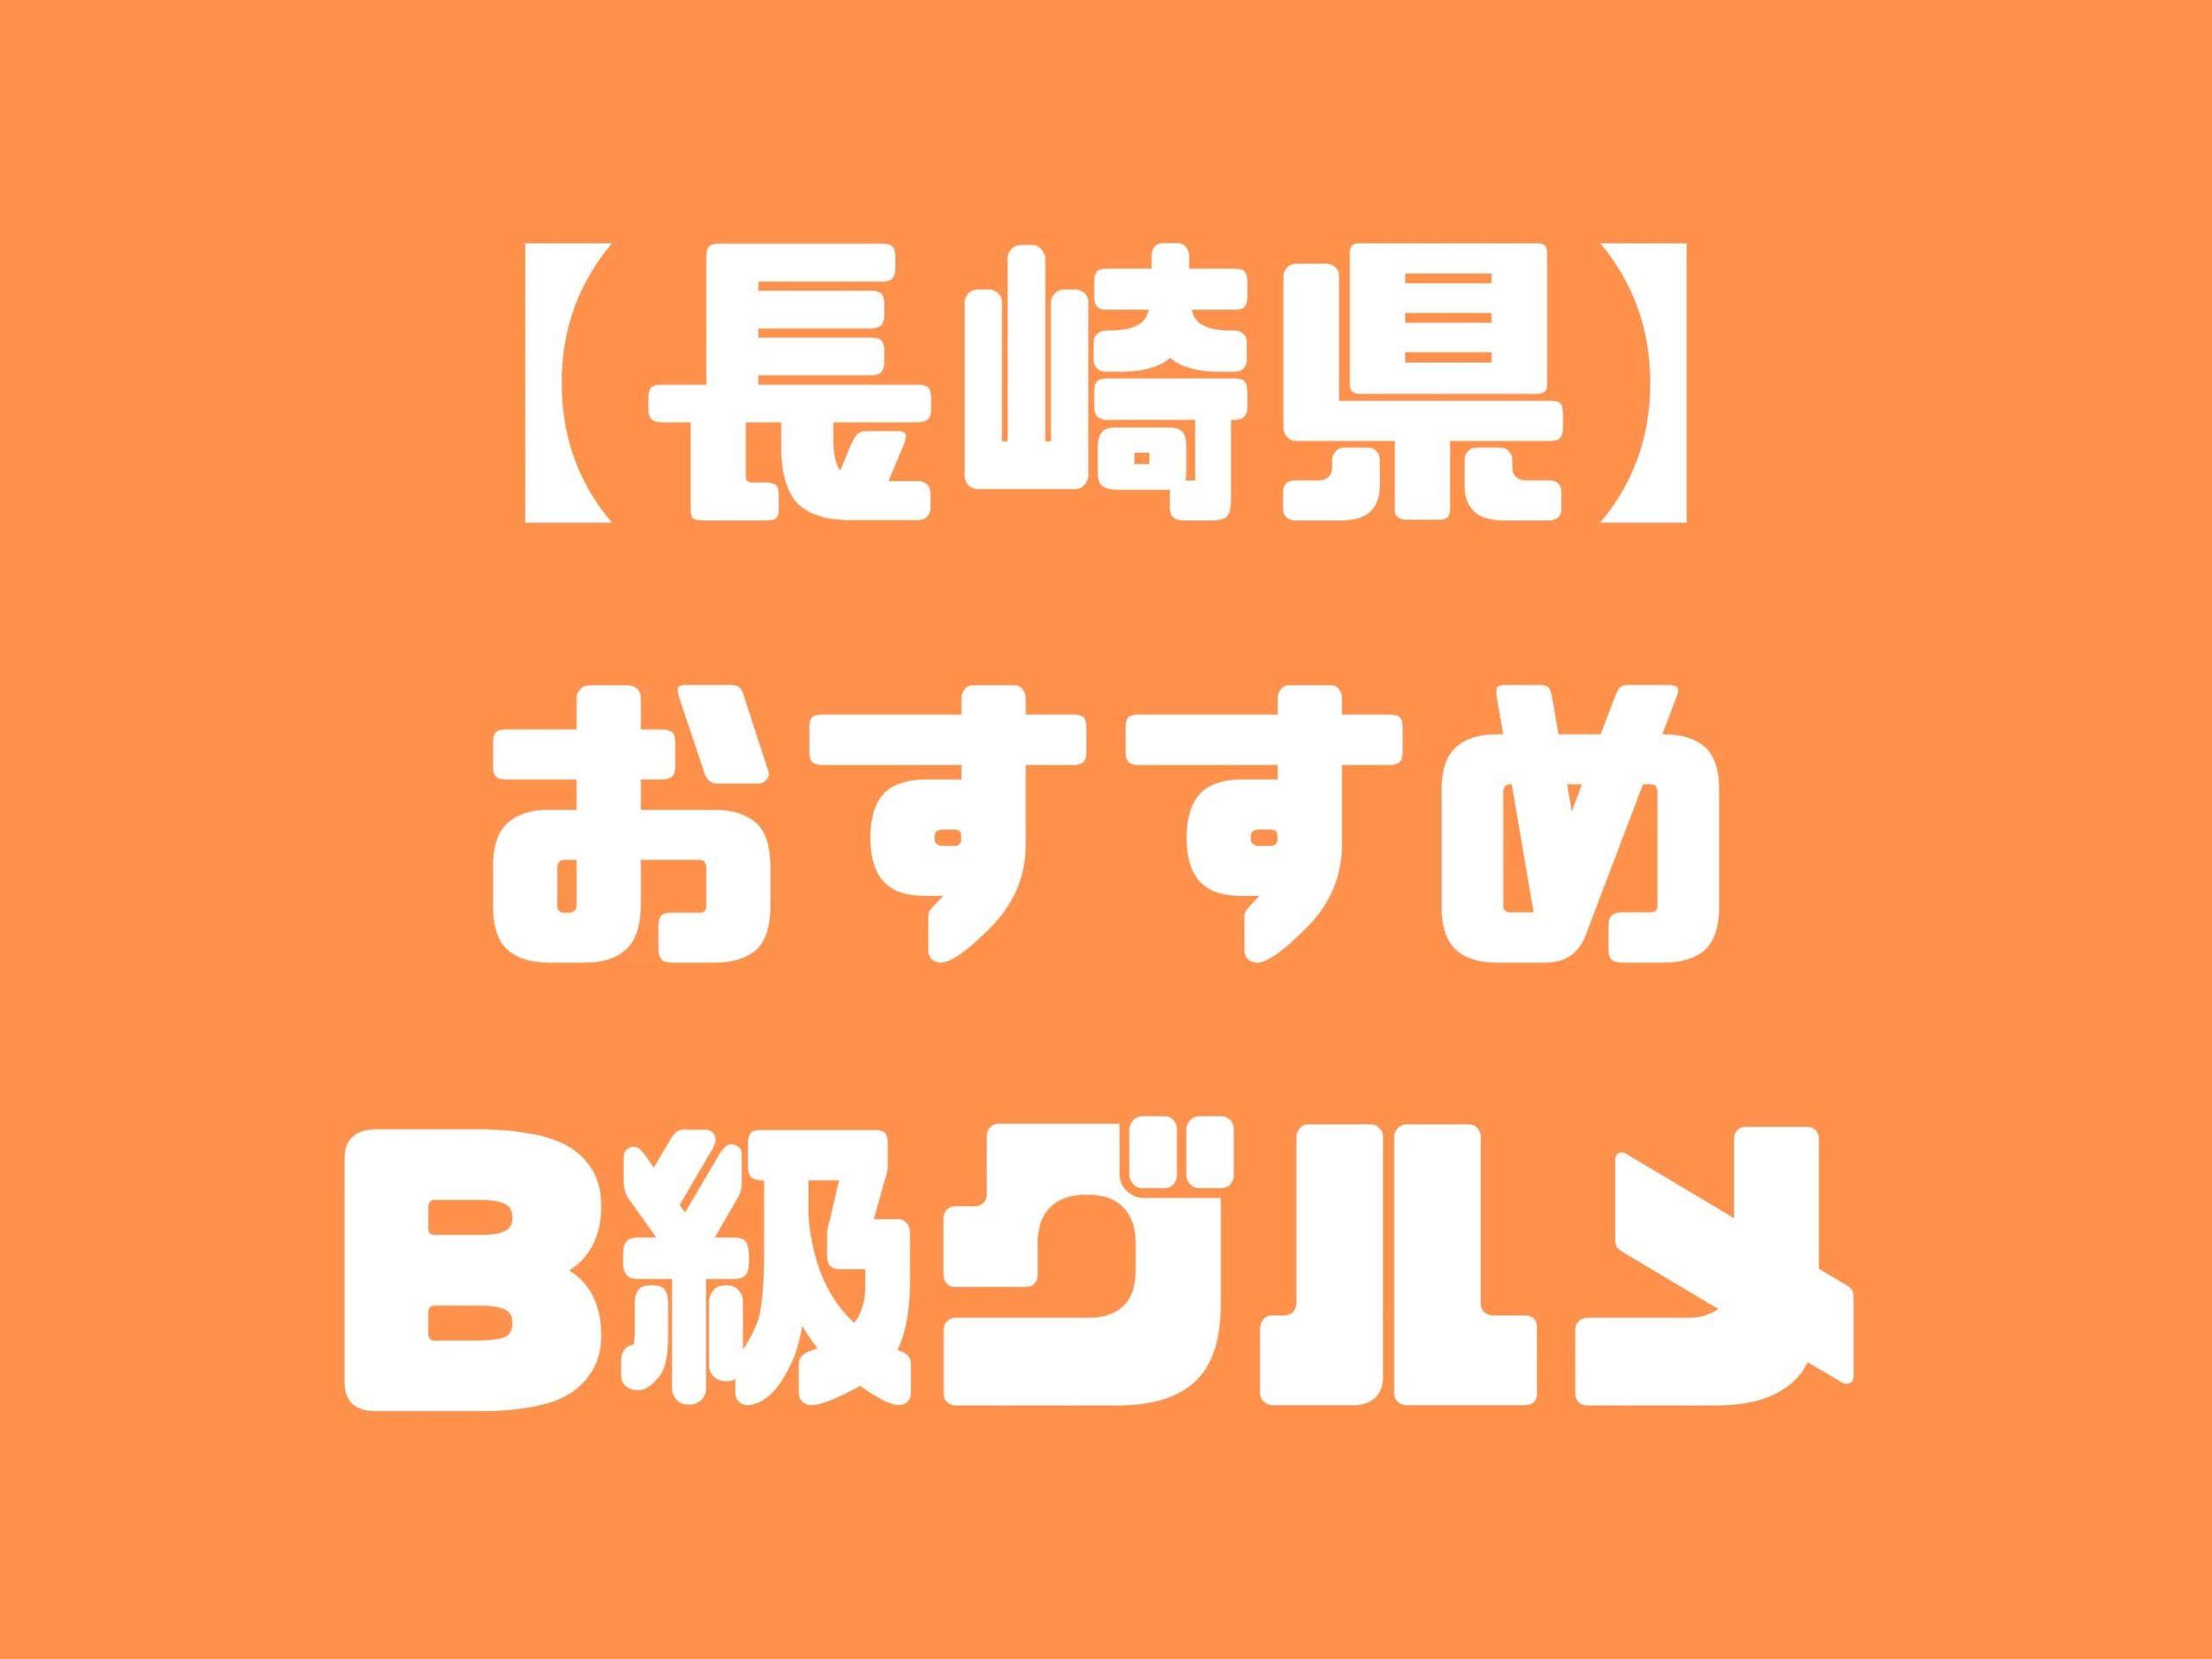 【秋田県版】秘密のケンミンSHOWまとめ